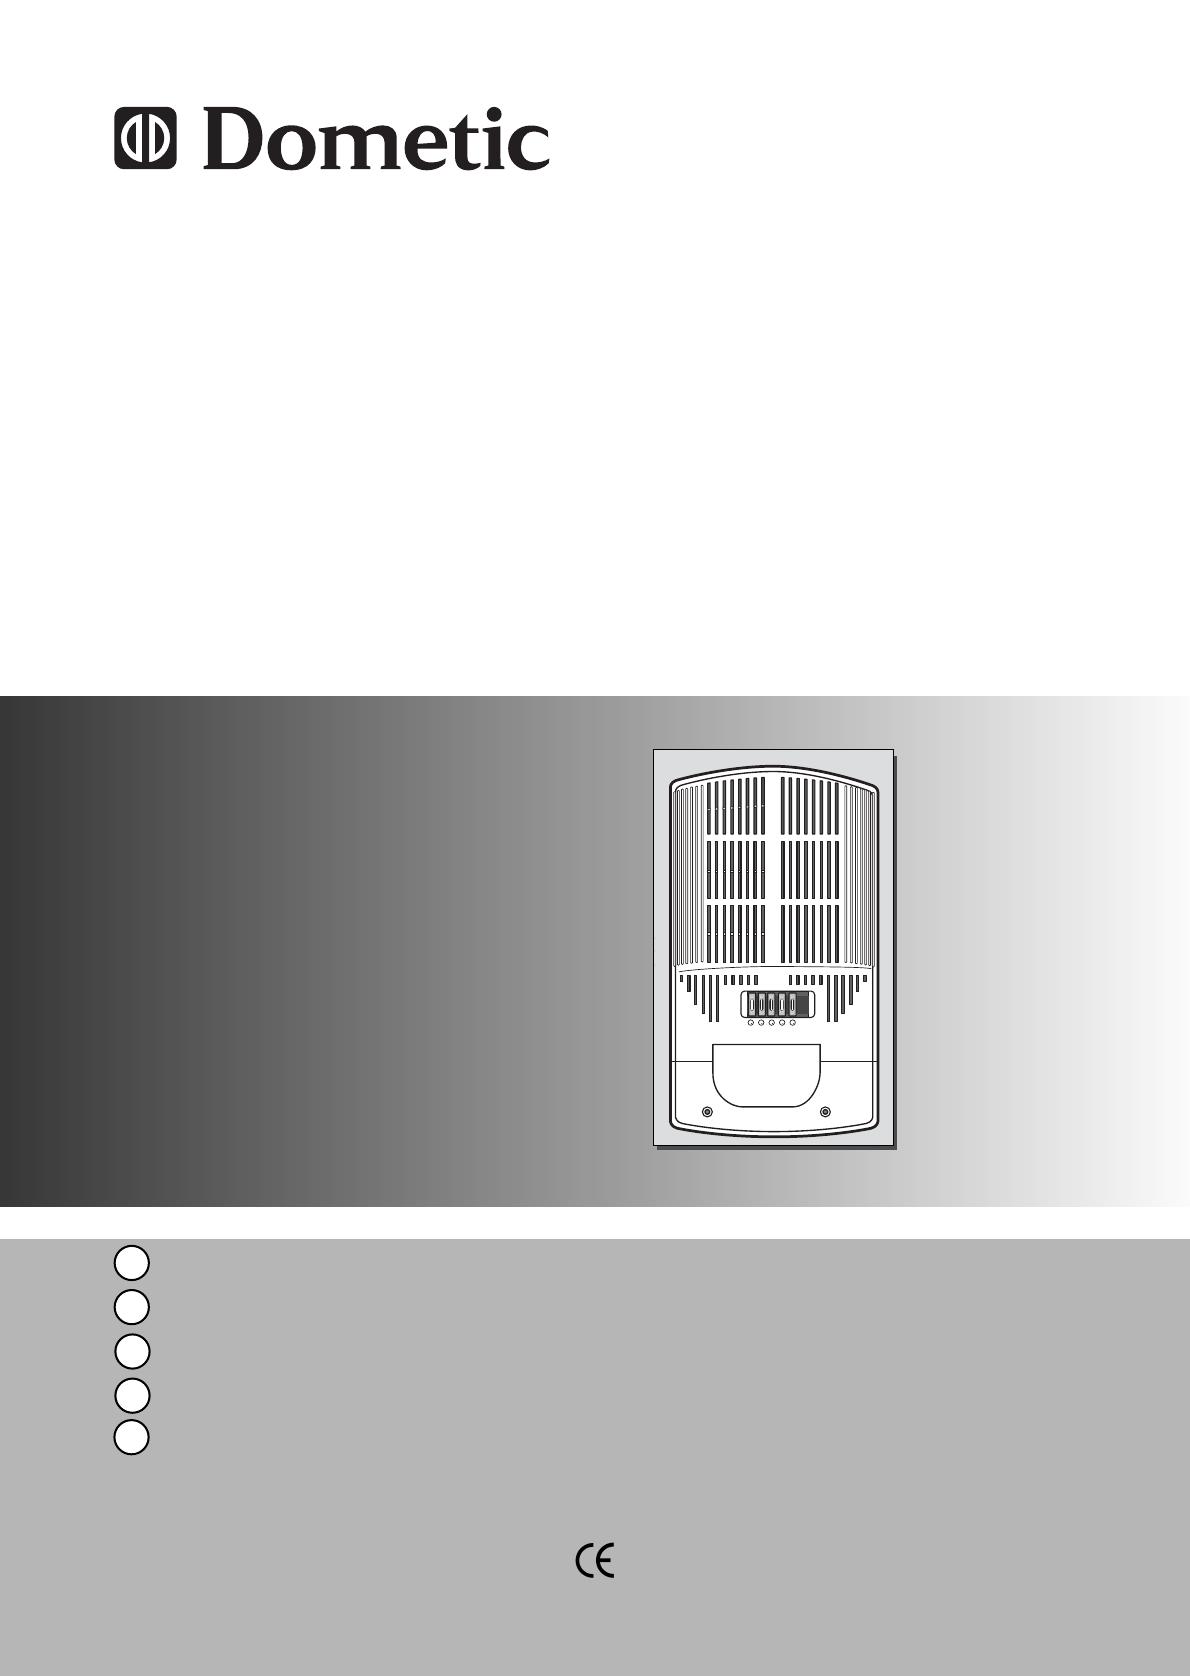 Handleiding Dometic Converter 230V - 12V (pagina 9 van 40) (Deutsch ...